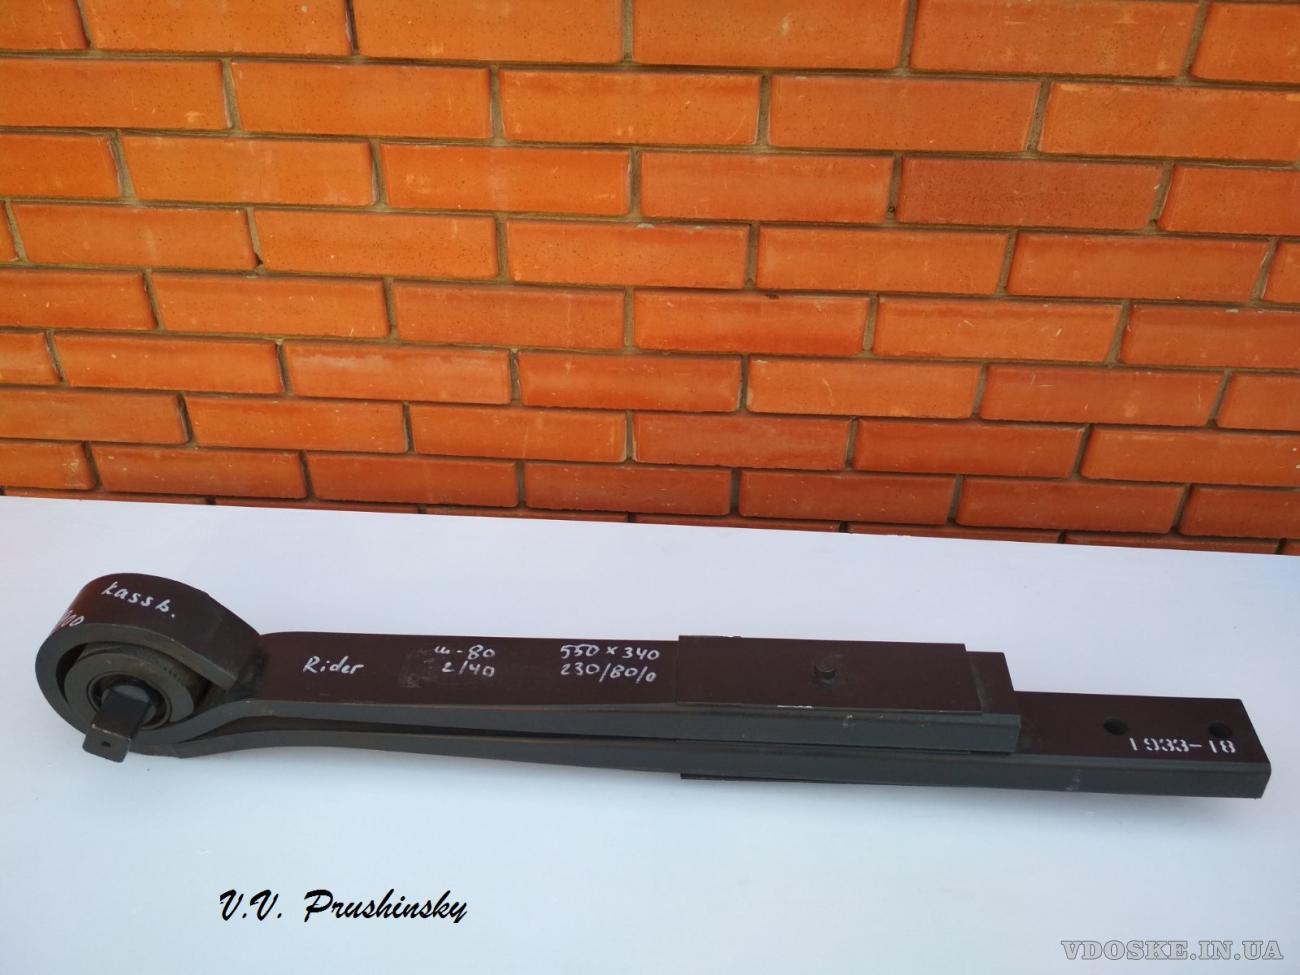 Продам полурессору kassbohrer в сборе новая   069938900: f170z055za75